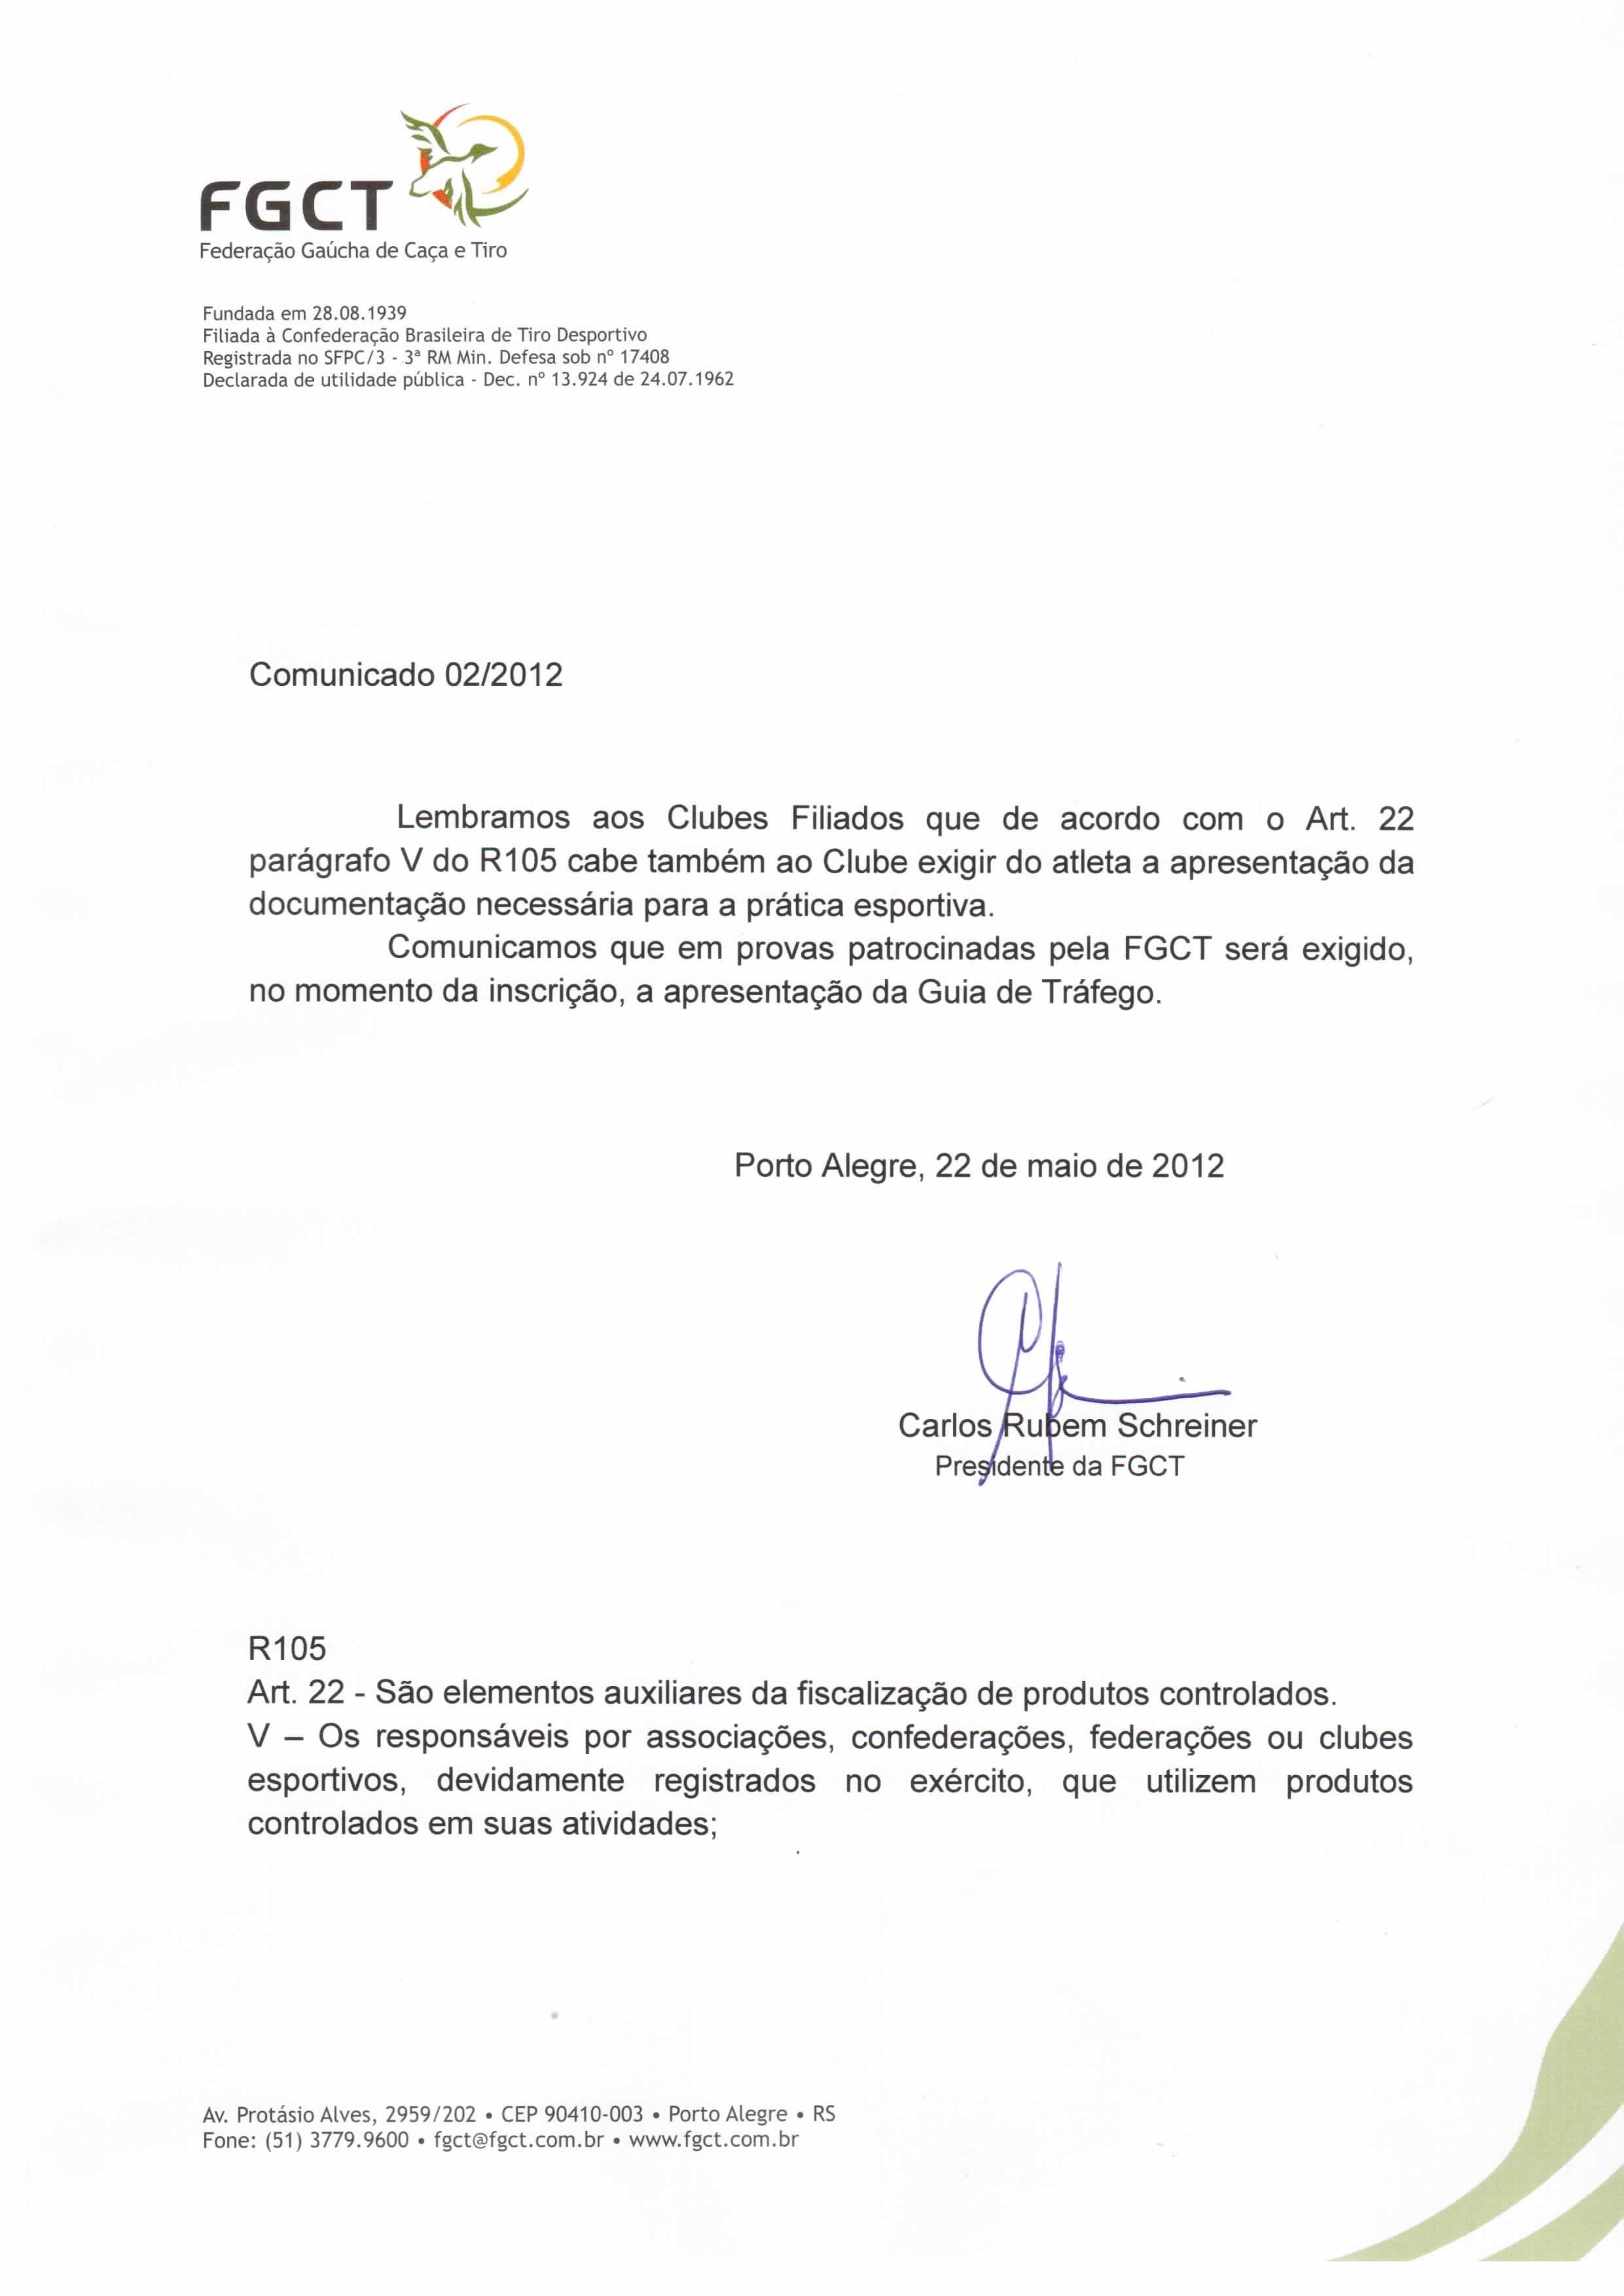 1f76d1507 Comunicado 002 2012 - Apresentação de documentação para a prática esportiva.  »